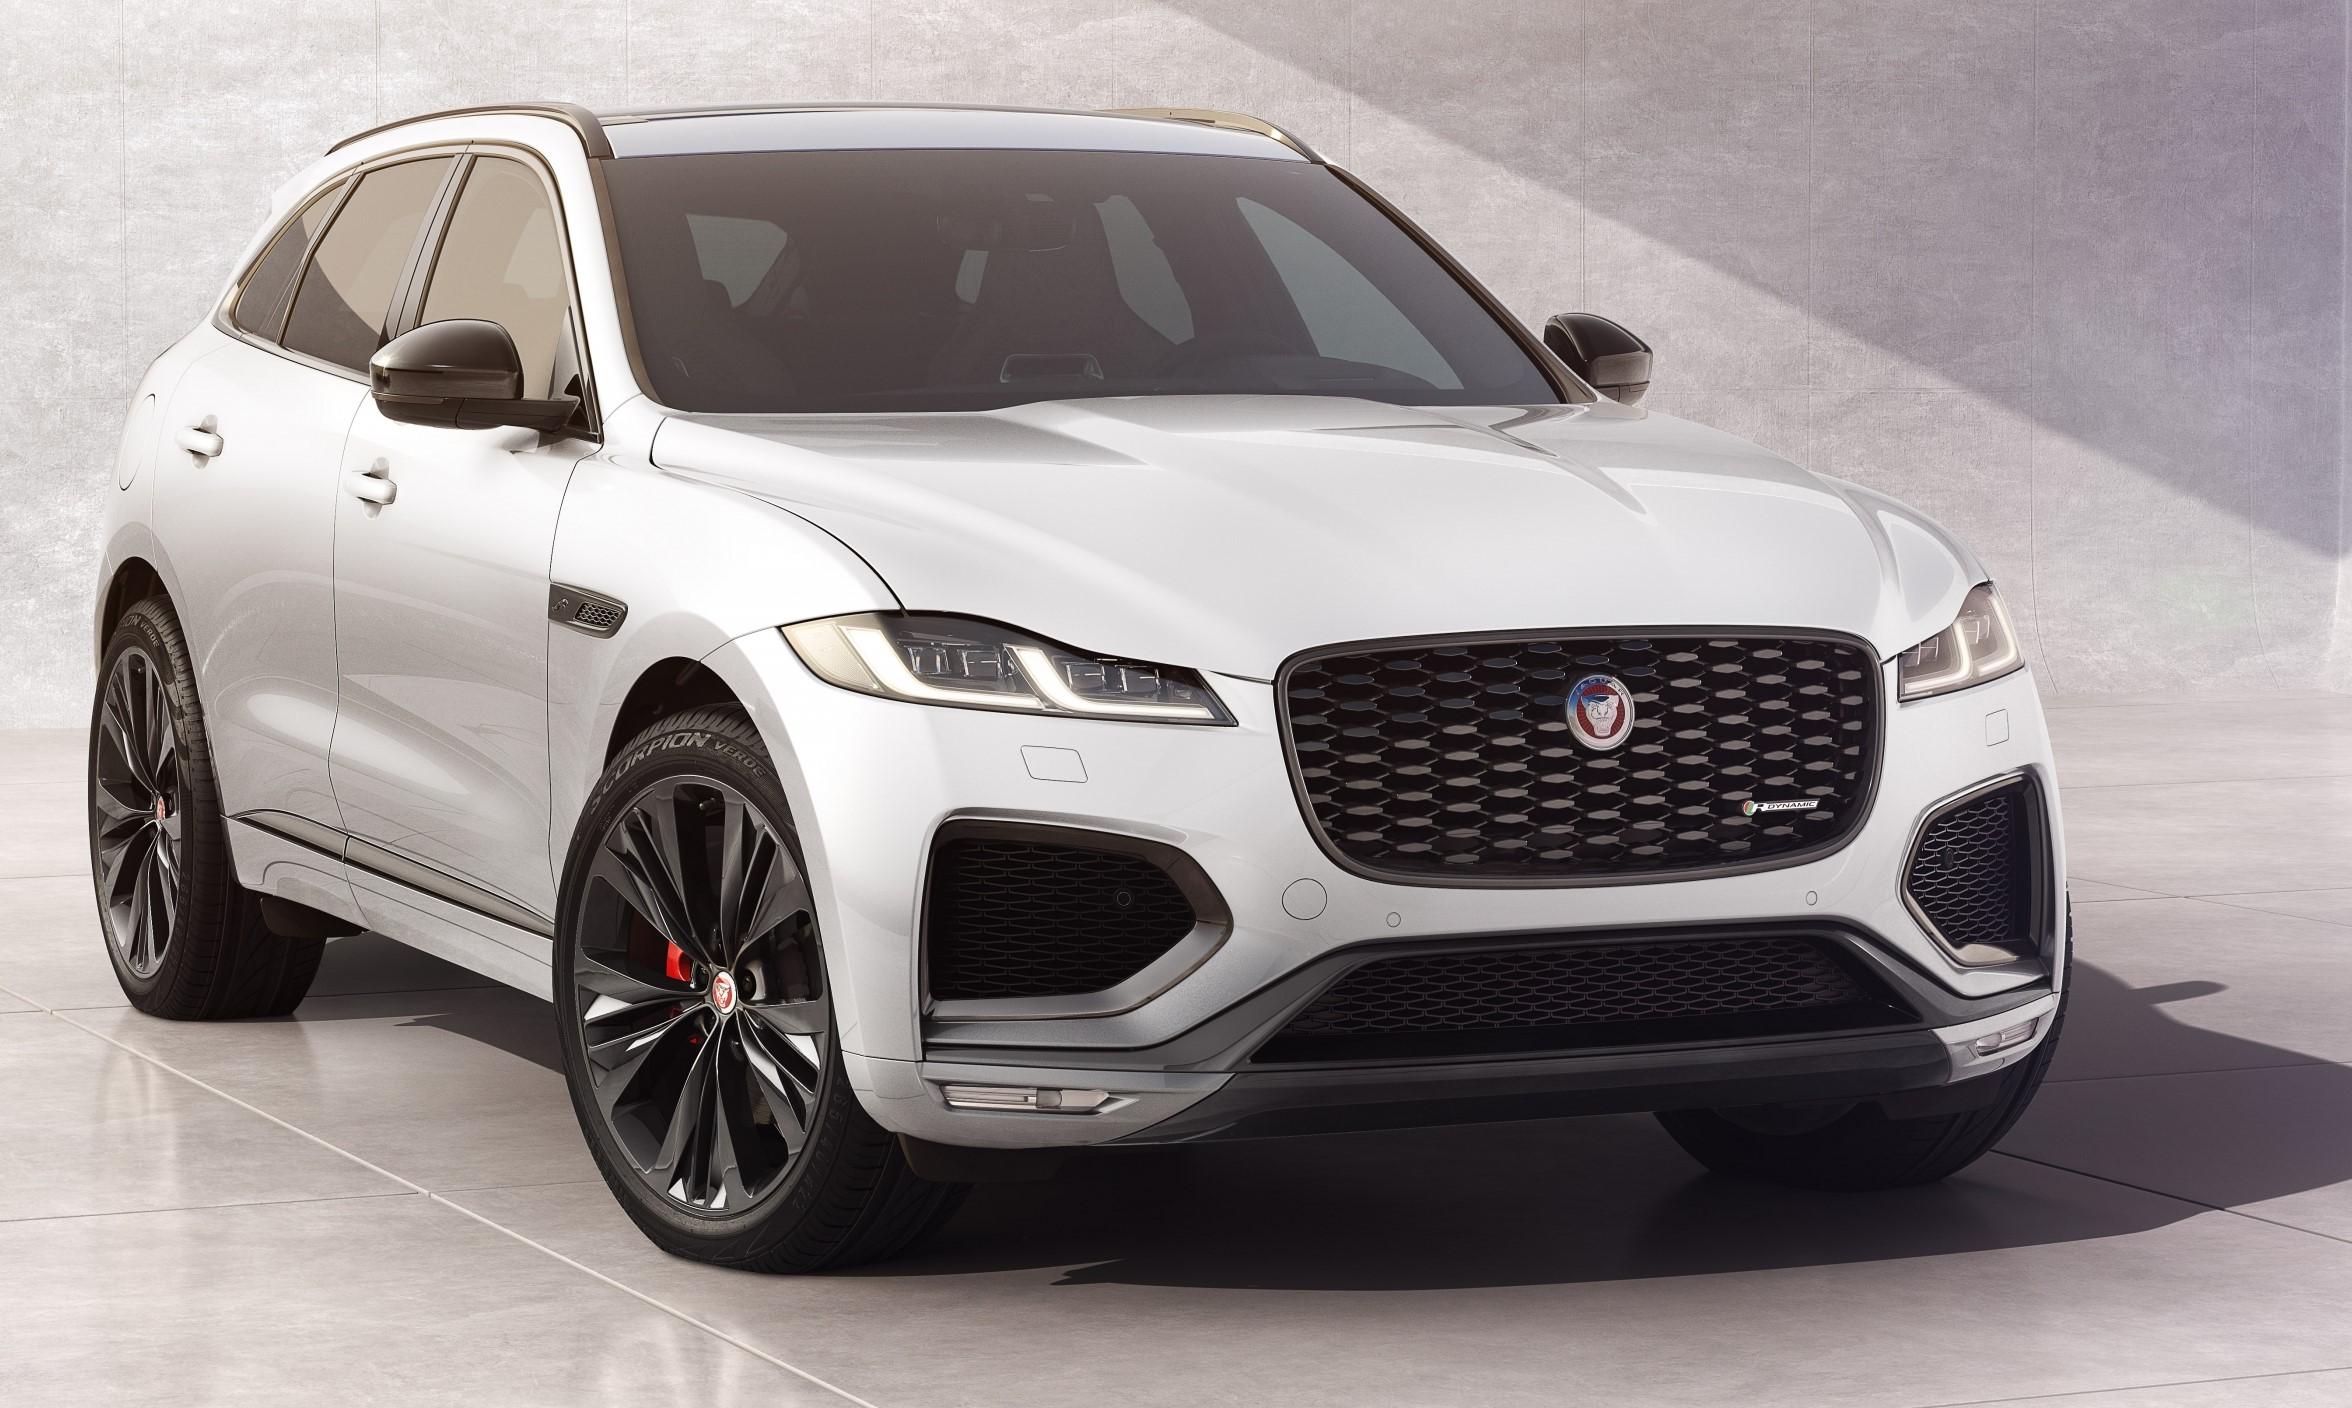 The Jaguar F-Pace R-Dynamic Black model unveiled